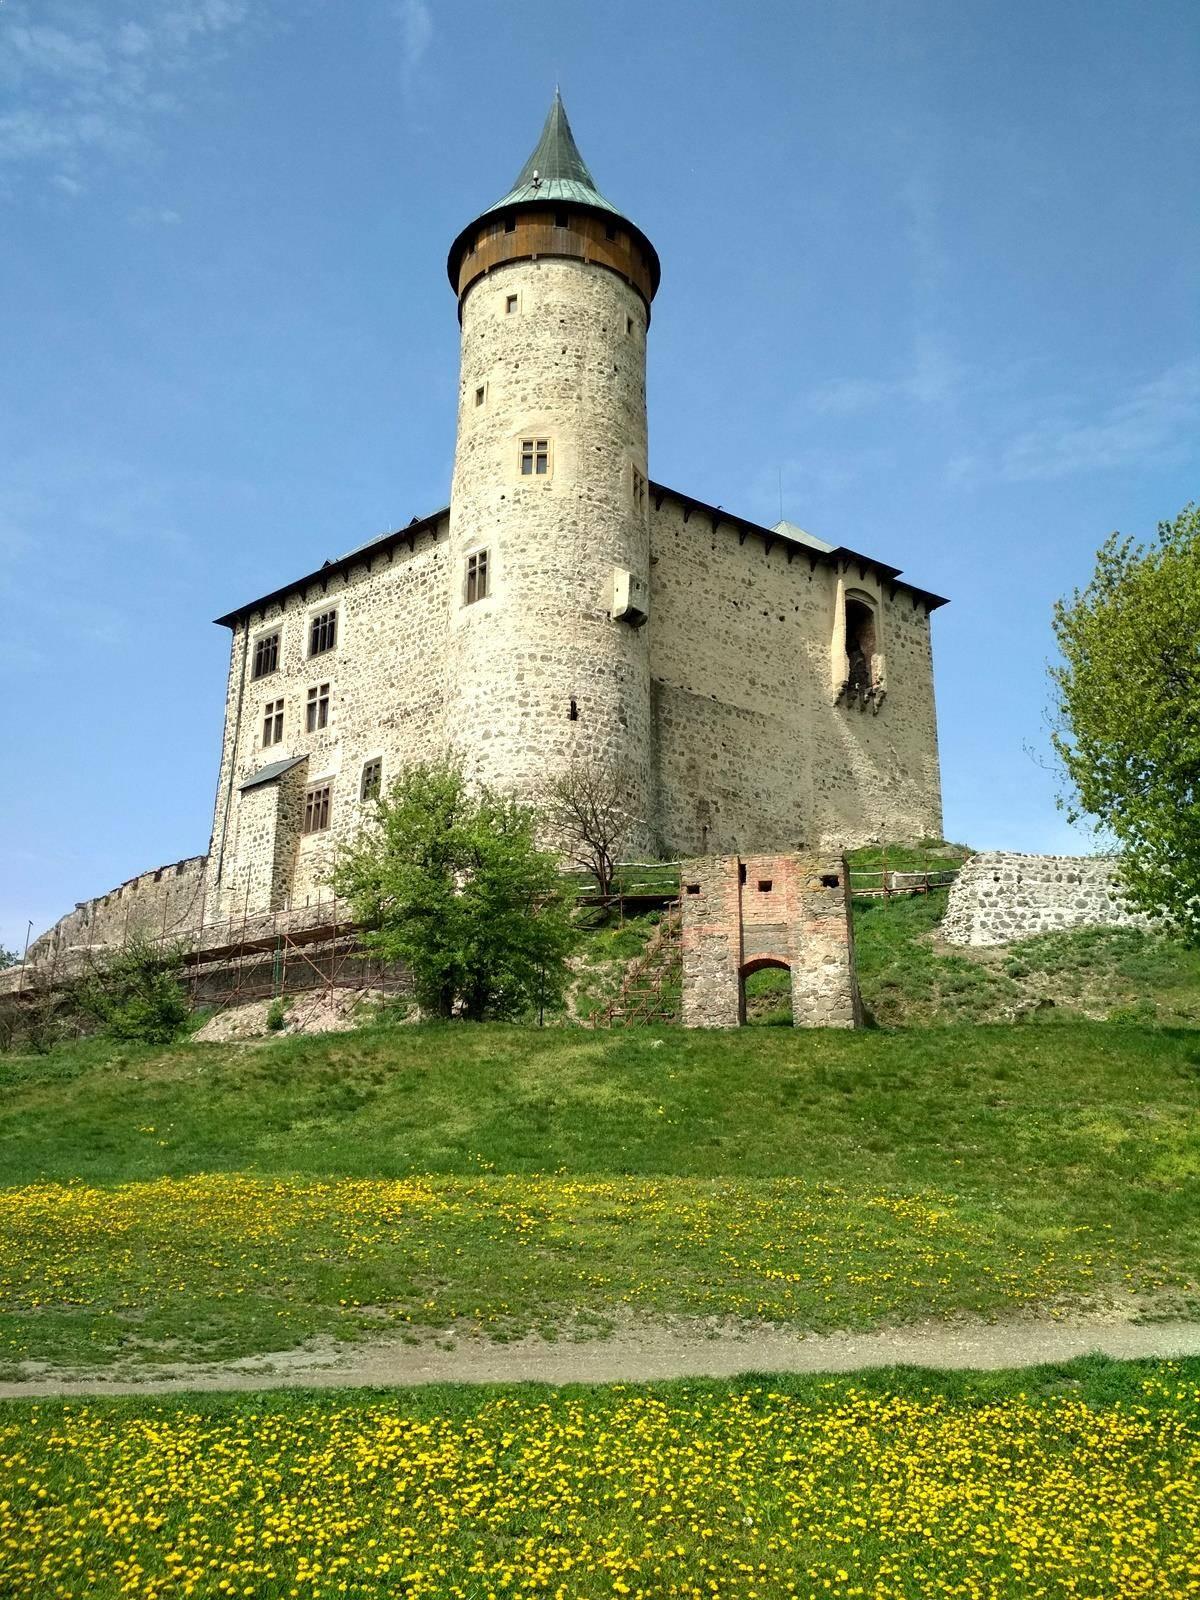 Castillo de Kunitcka Hora, Pardubice